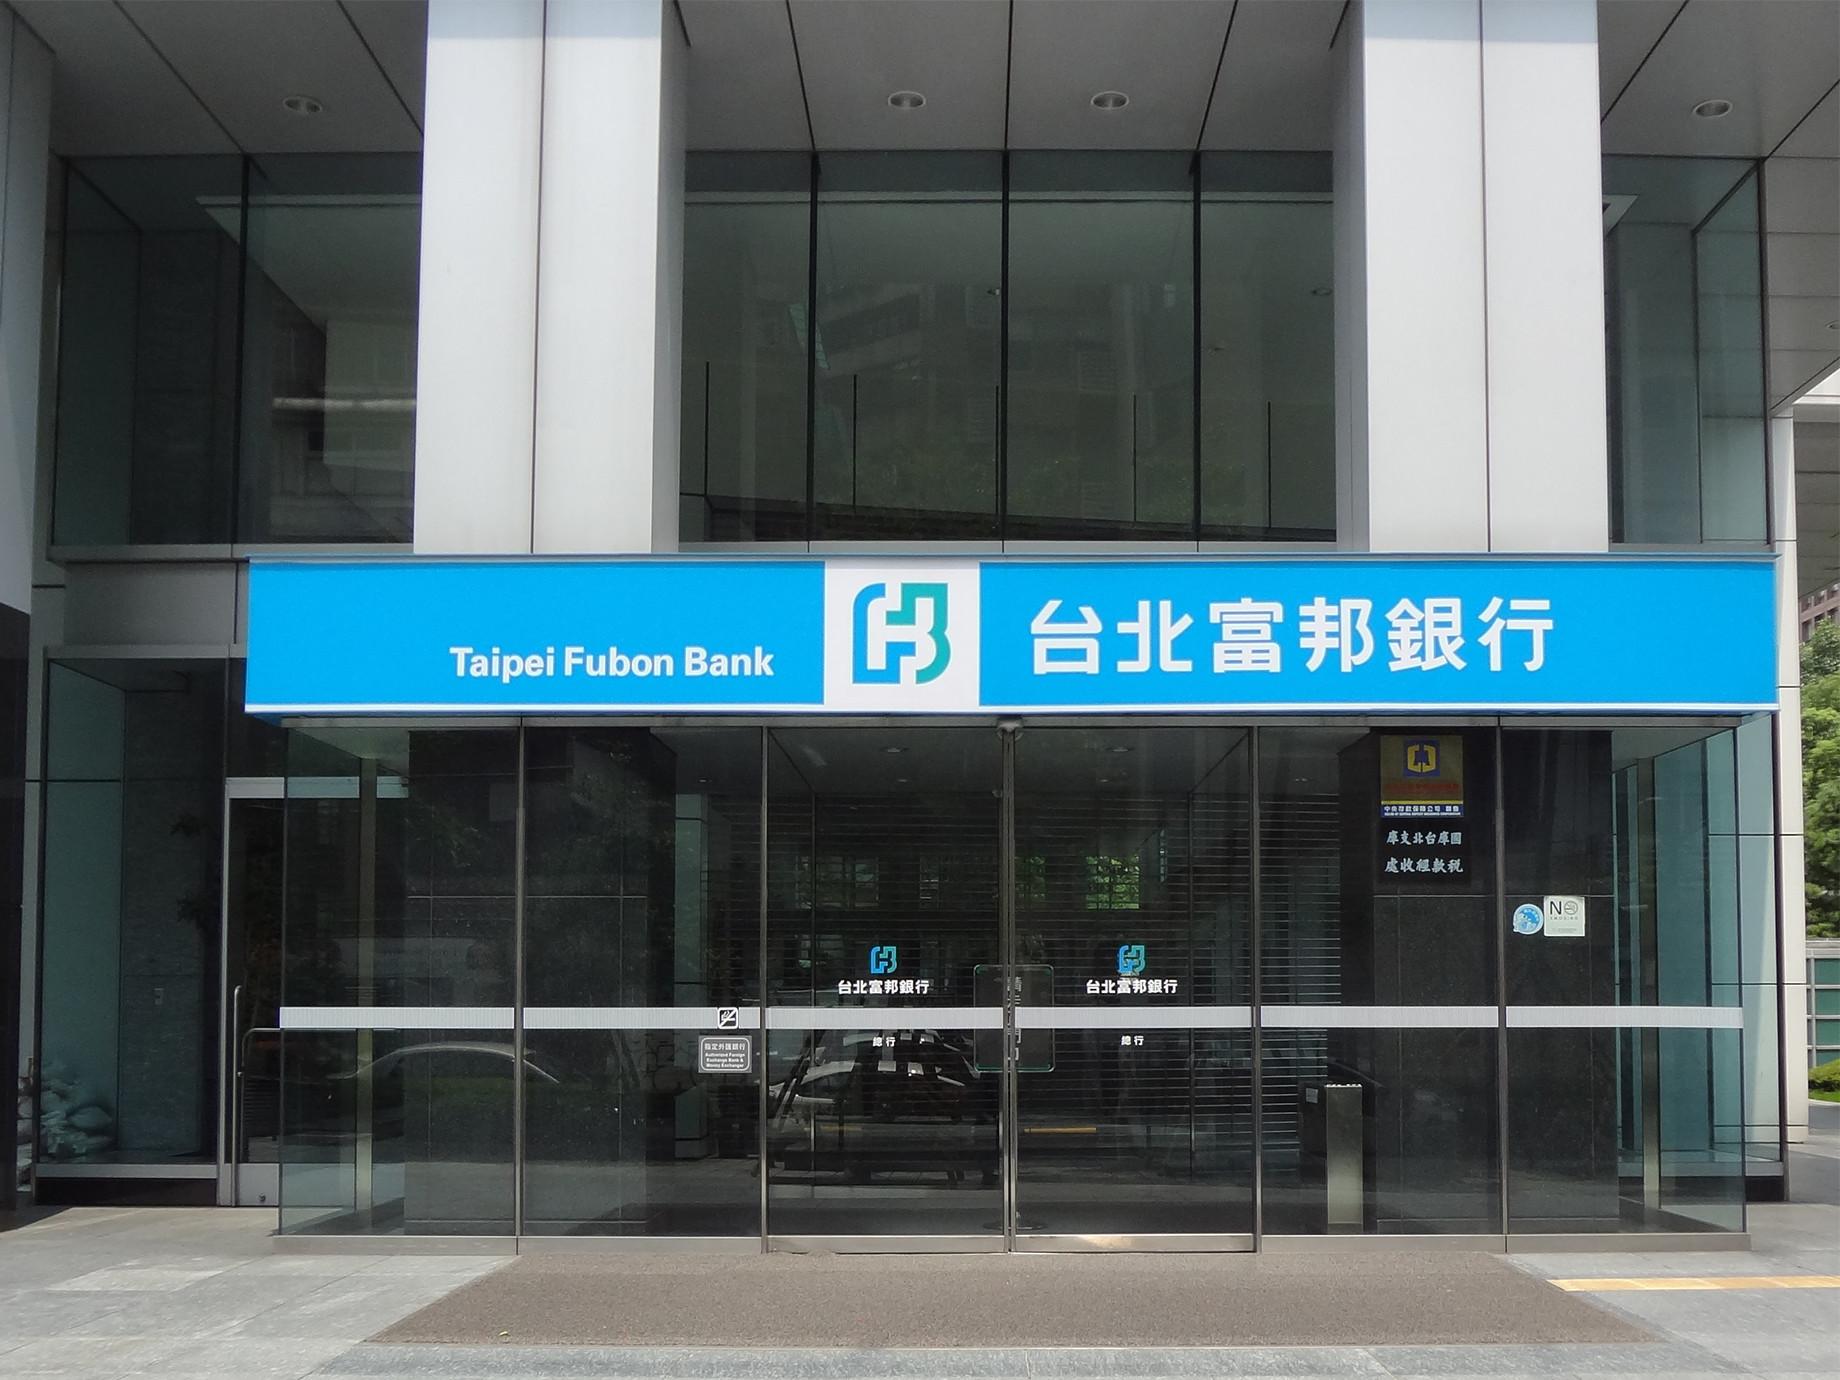 富邦發展金融科技,將與騰訊合作用微信行銷保險